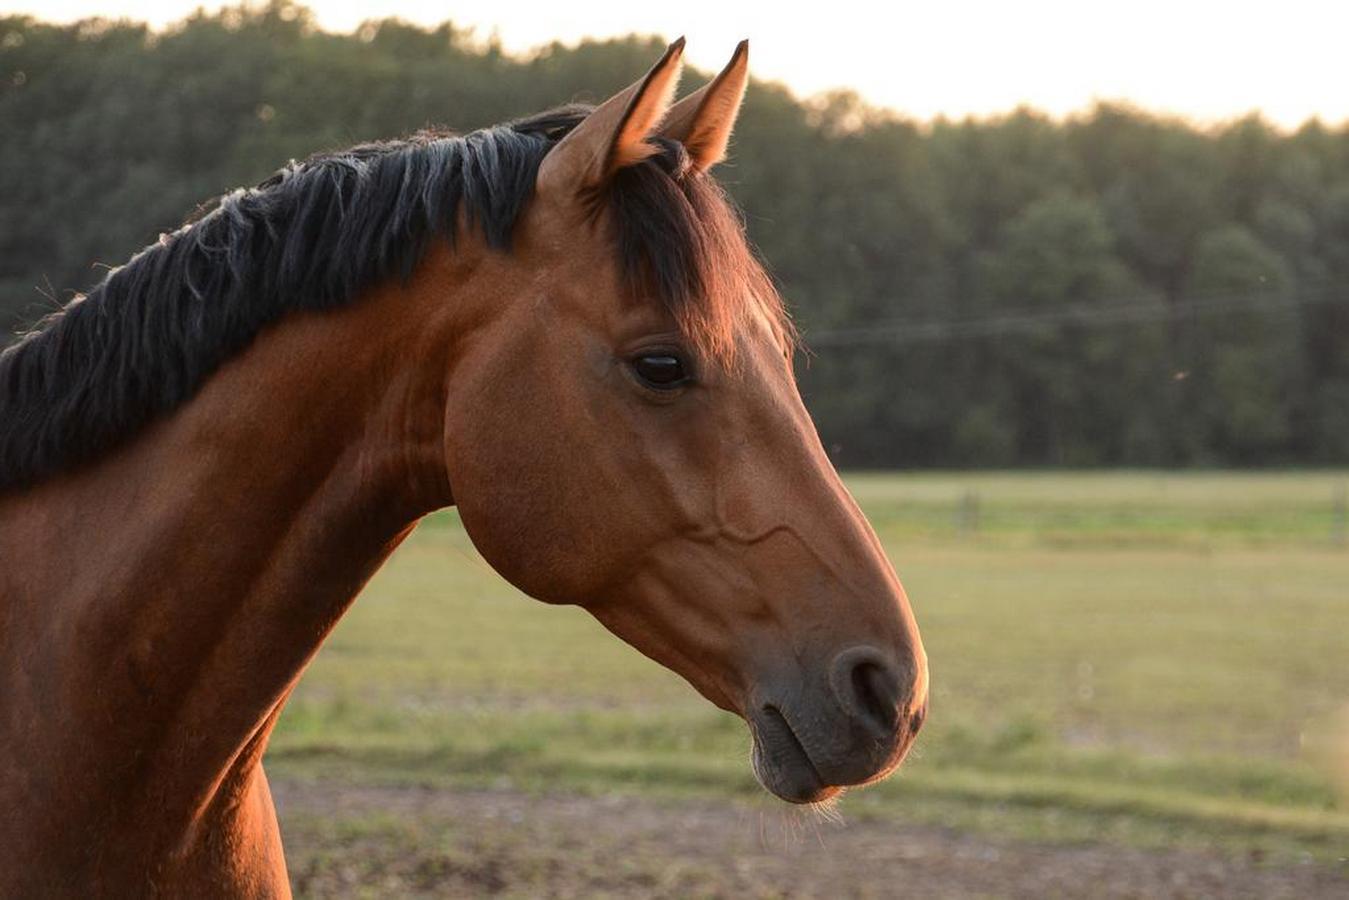 Картинки лошадей ганноверов